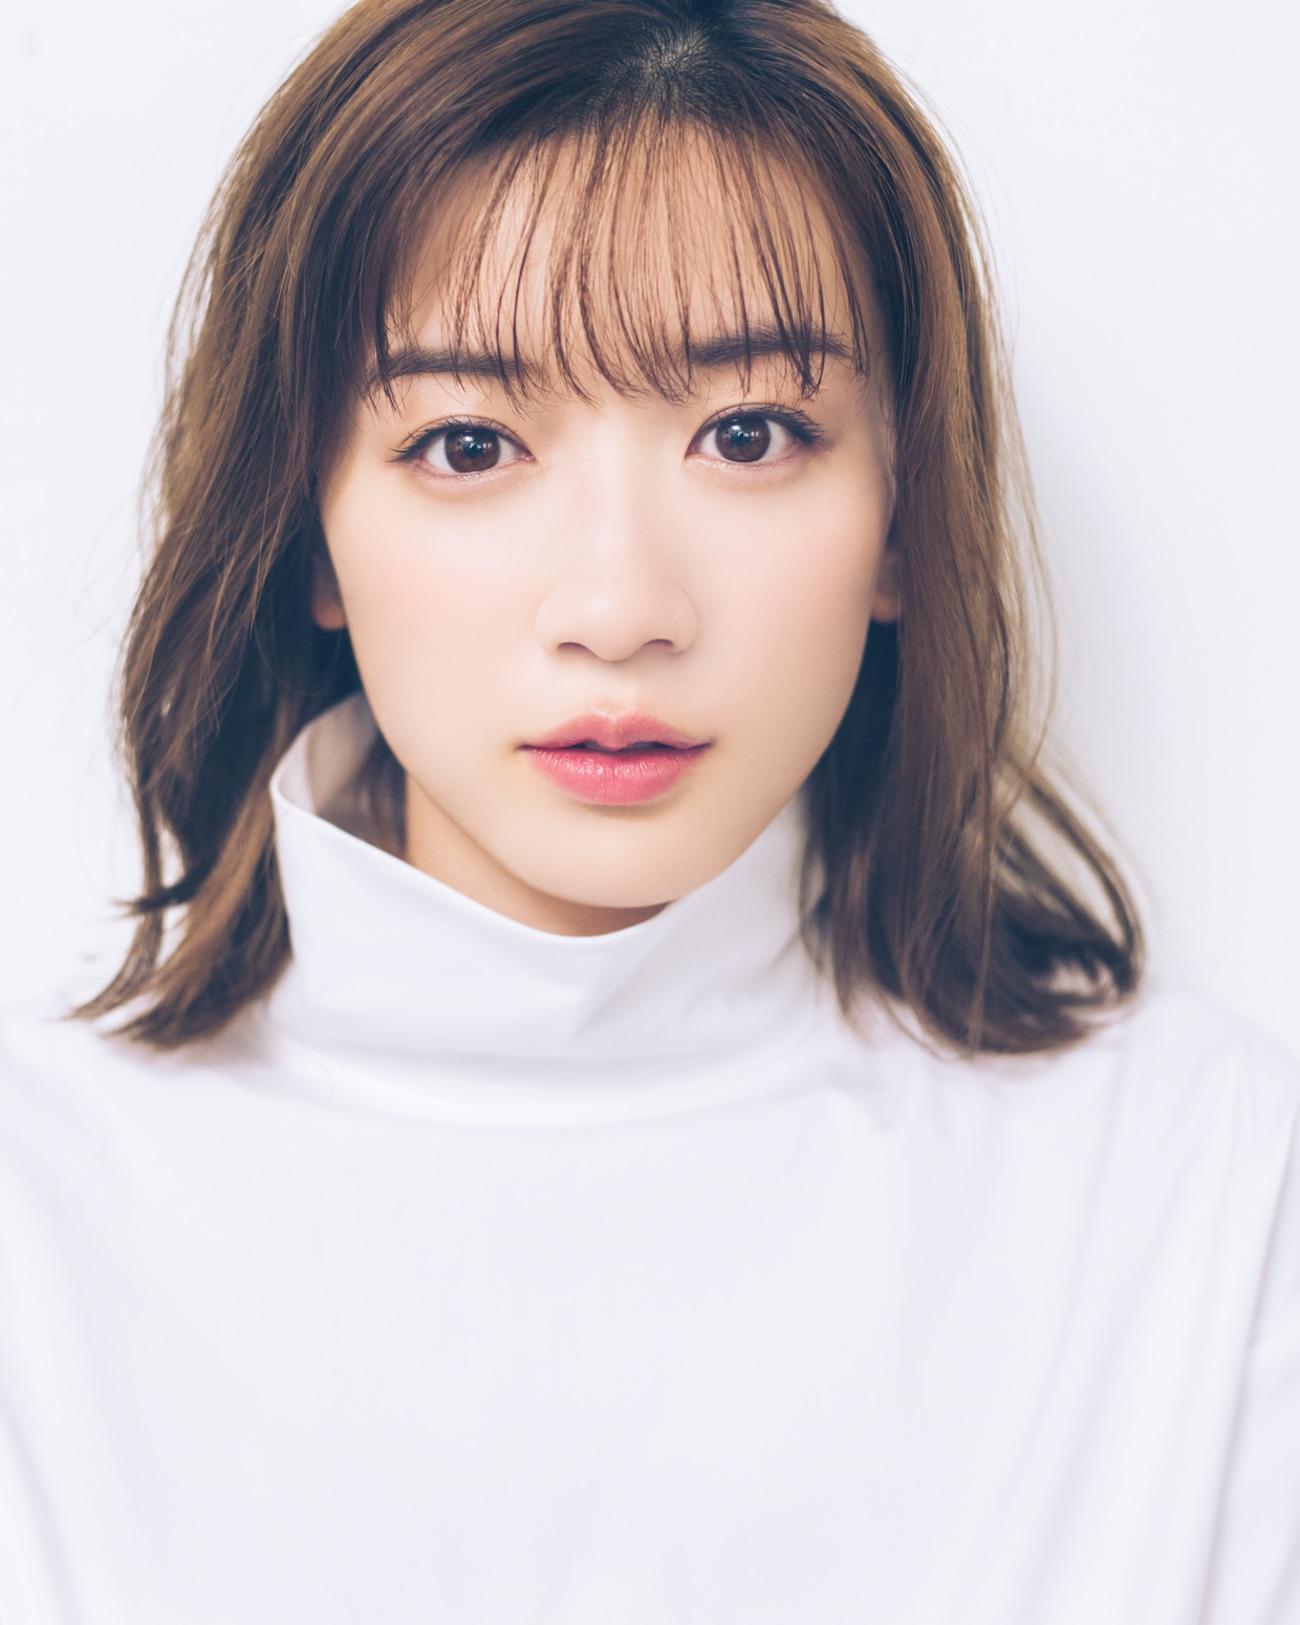 永野芽郁(ながの めい)ACTRESS(女優)モデル